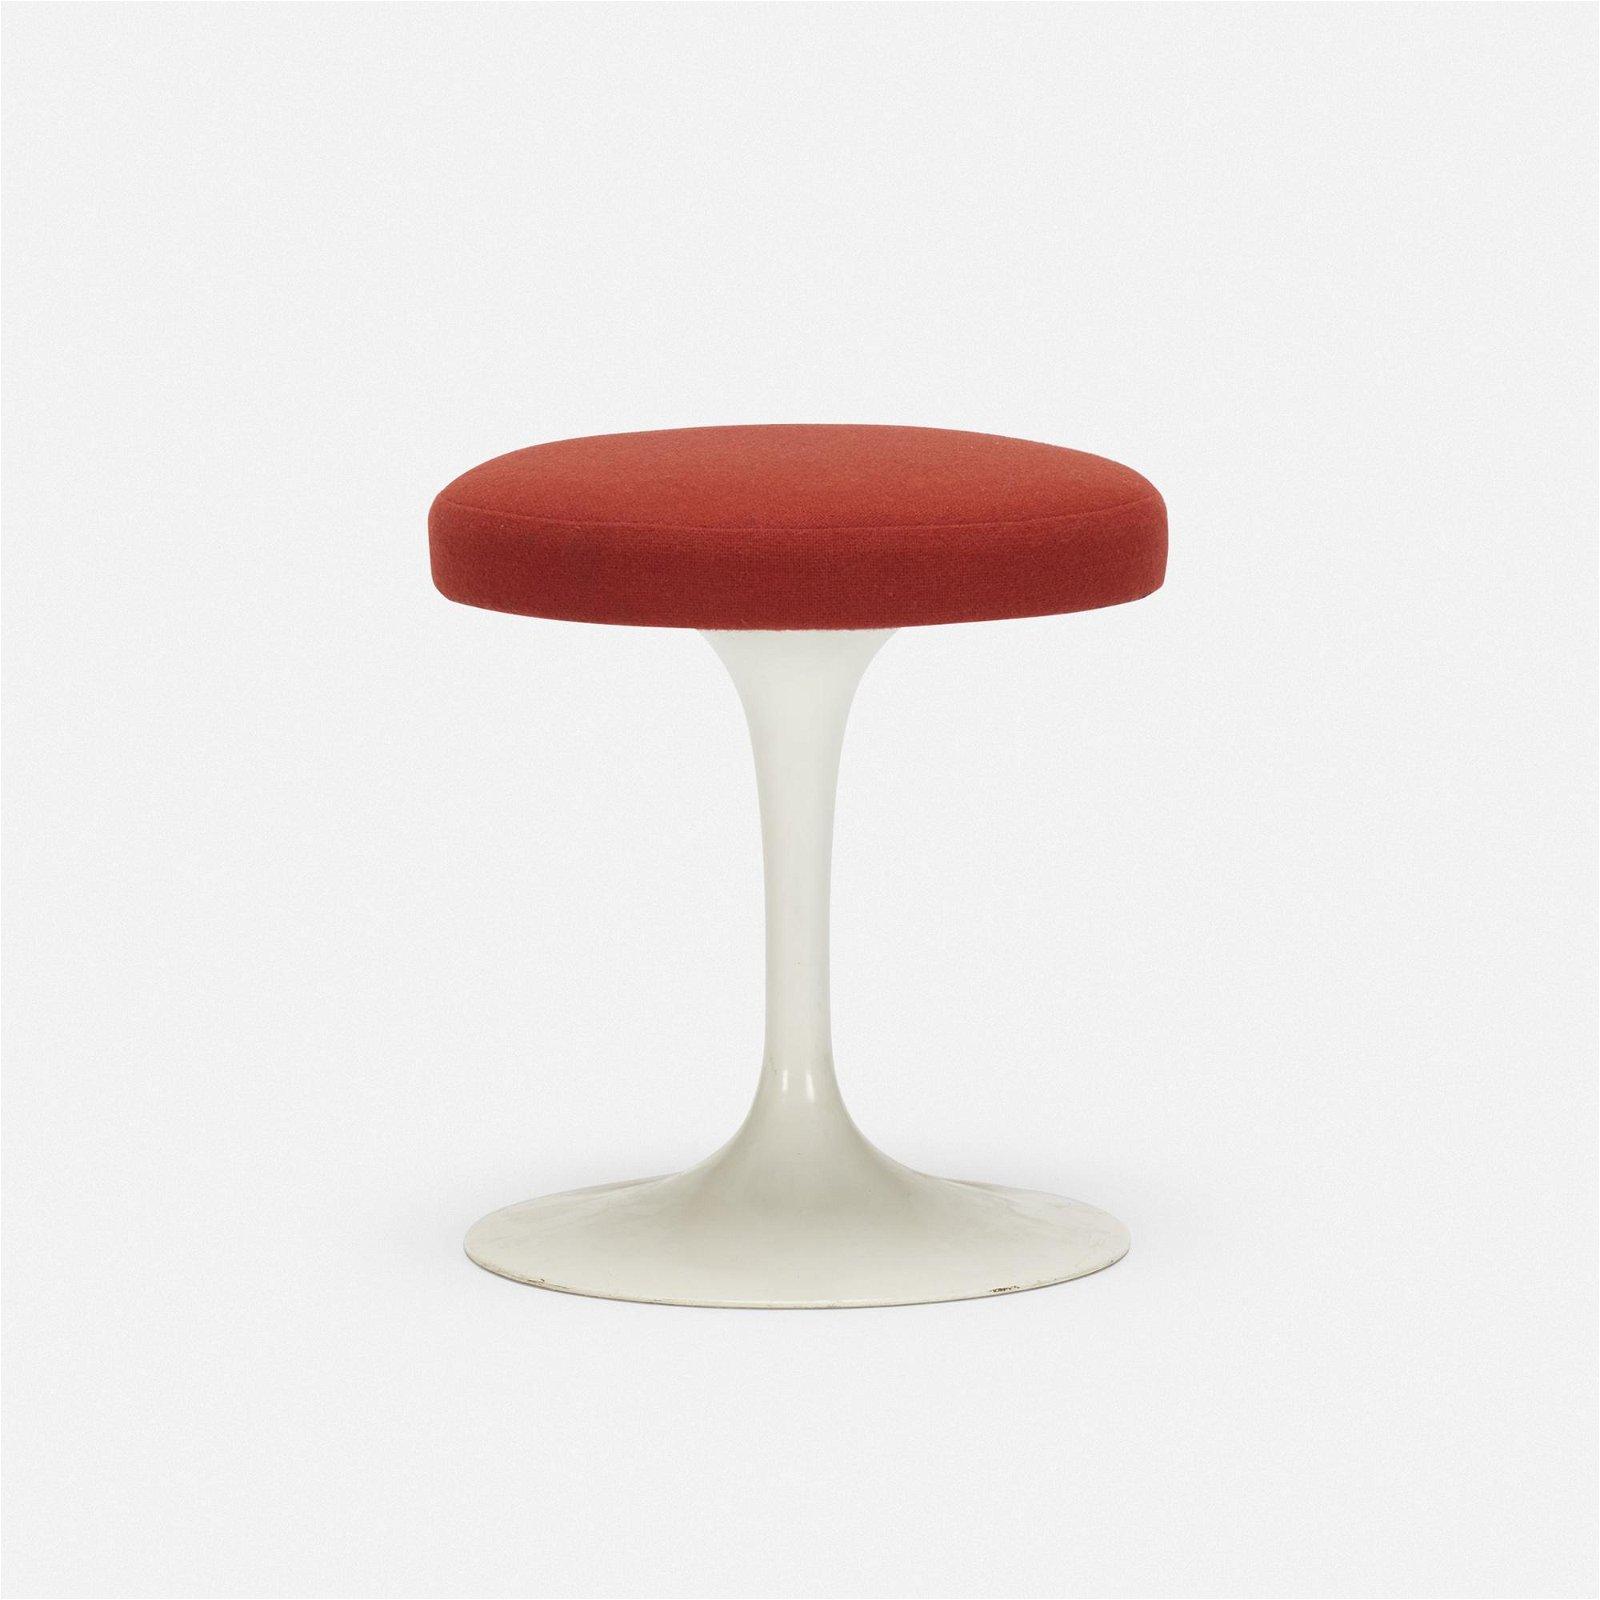 Eero Saarinen, Tulip stool